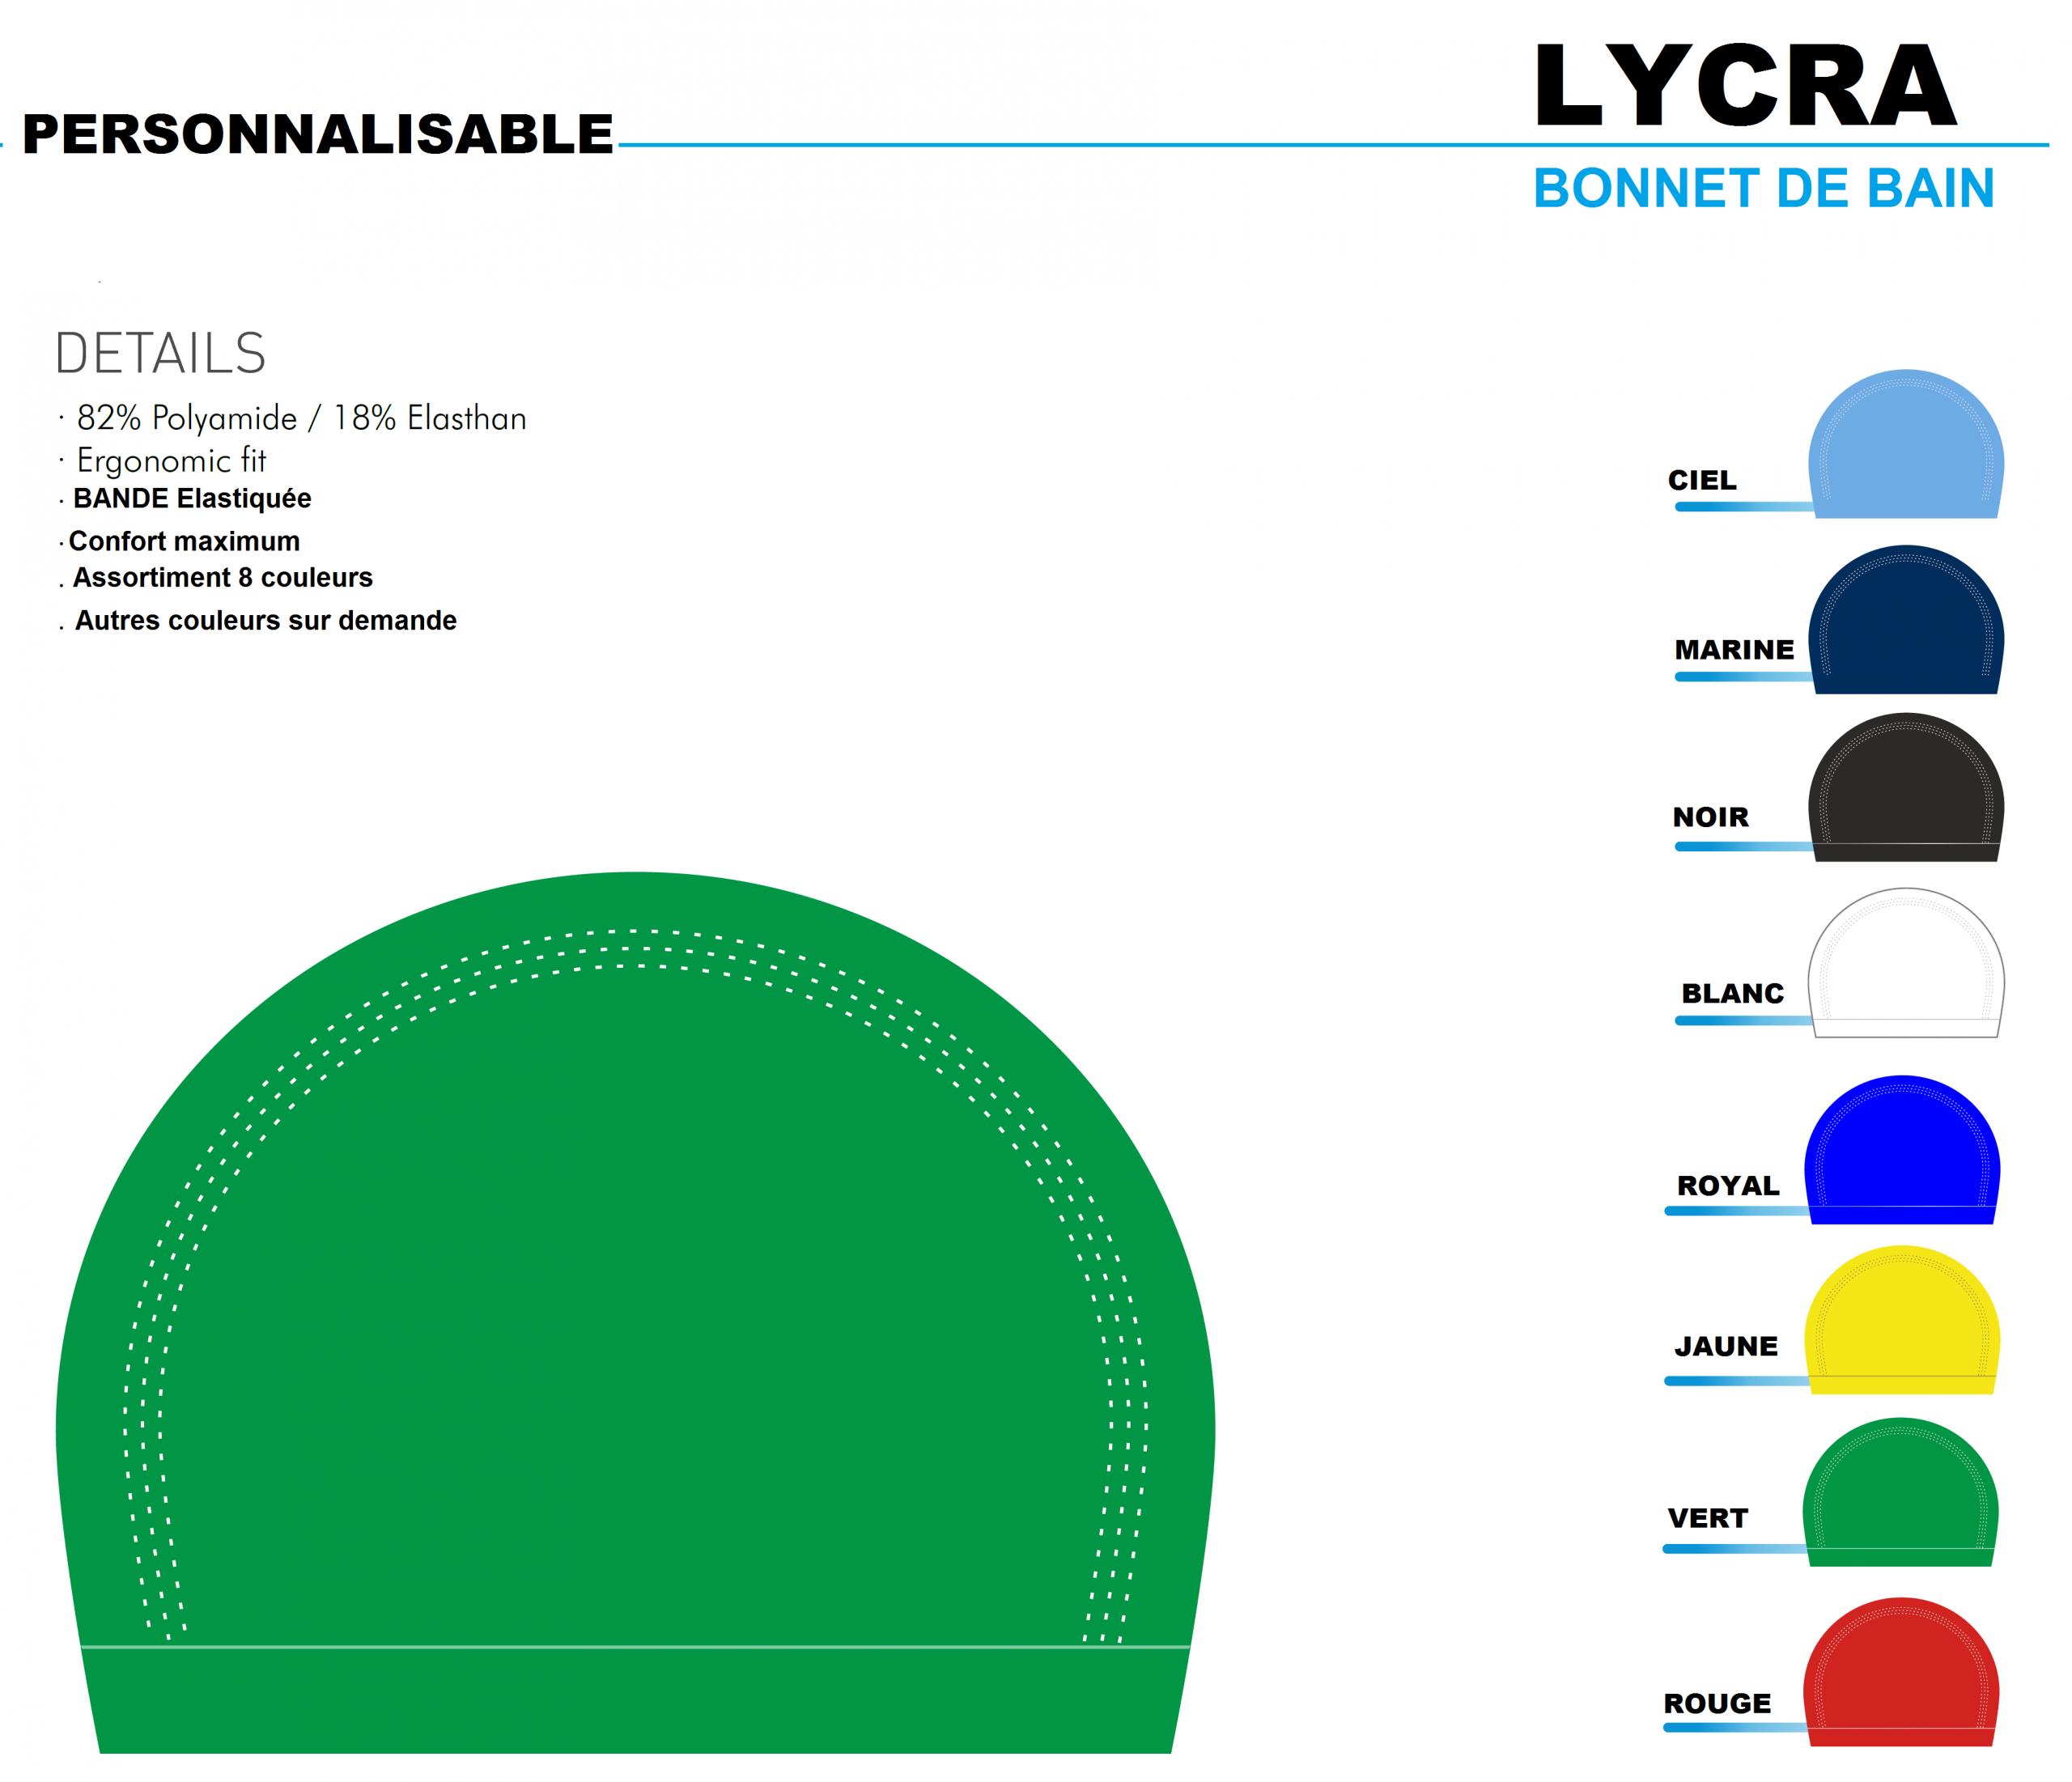 Bonnet De Bain Lycra Personnalisable pour Bonnet De Bain Piscine